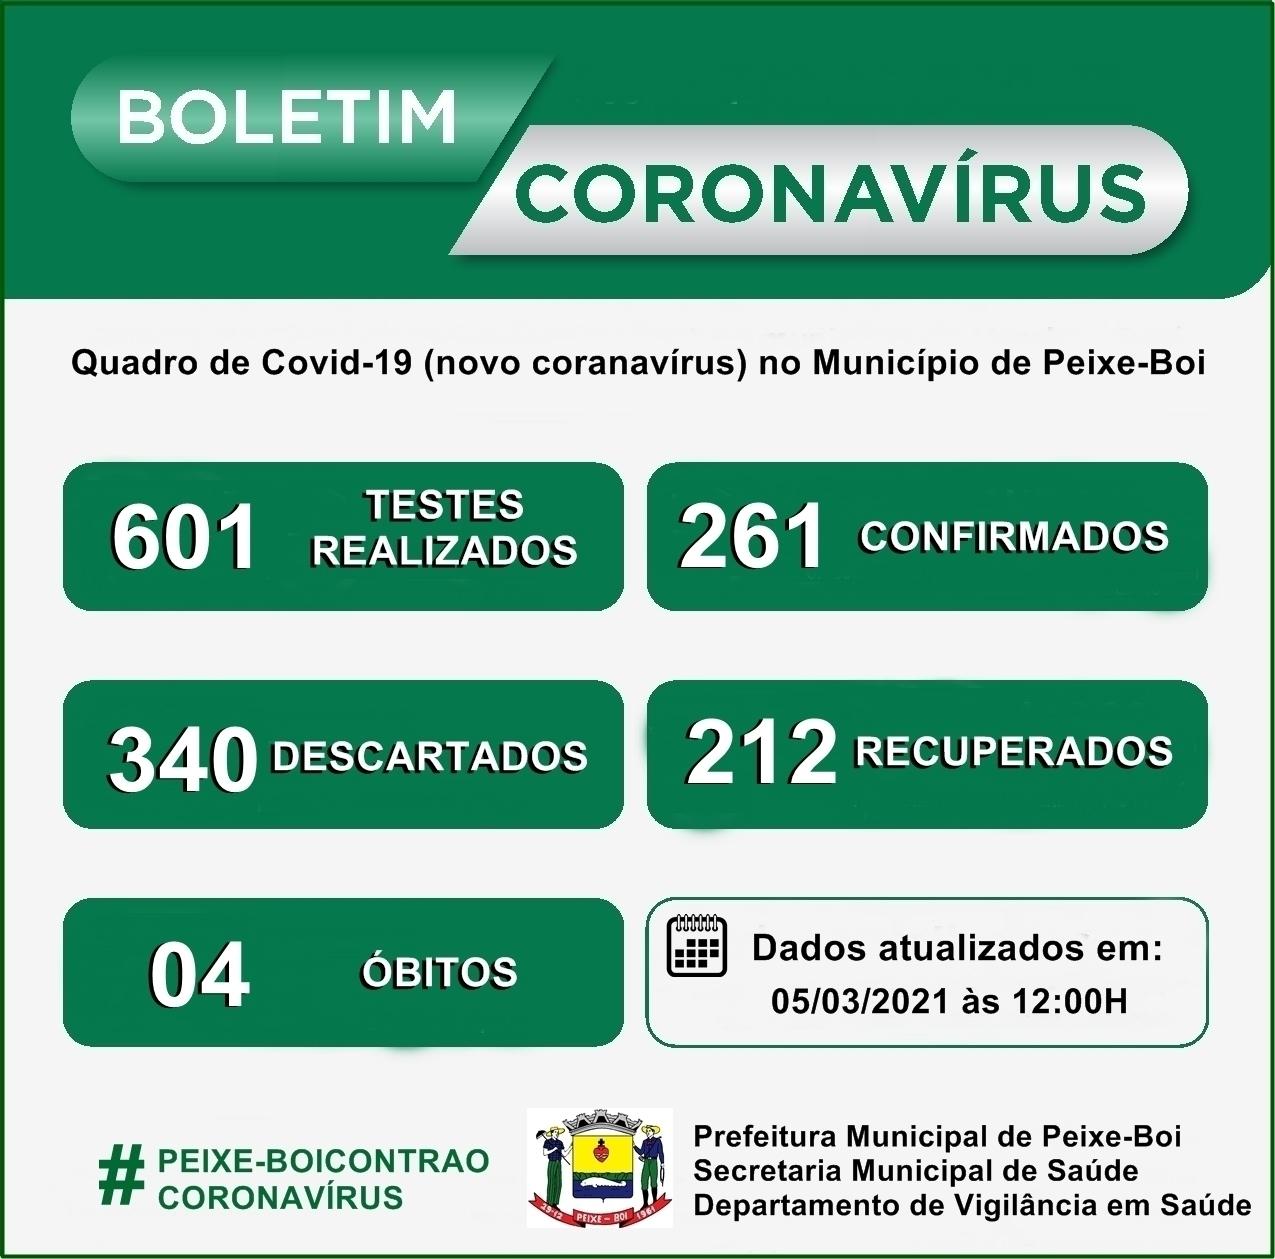 Boletim COVID-19 – Atualizado em 05/03/2021 às 12:00h ...